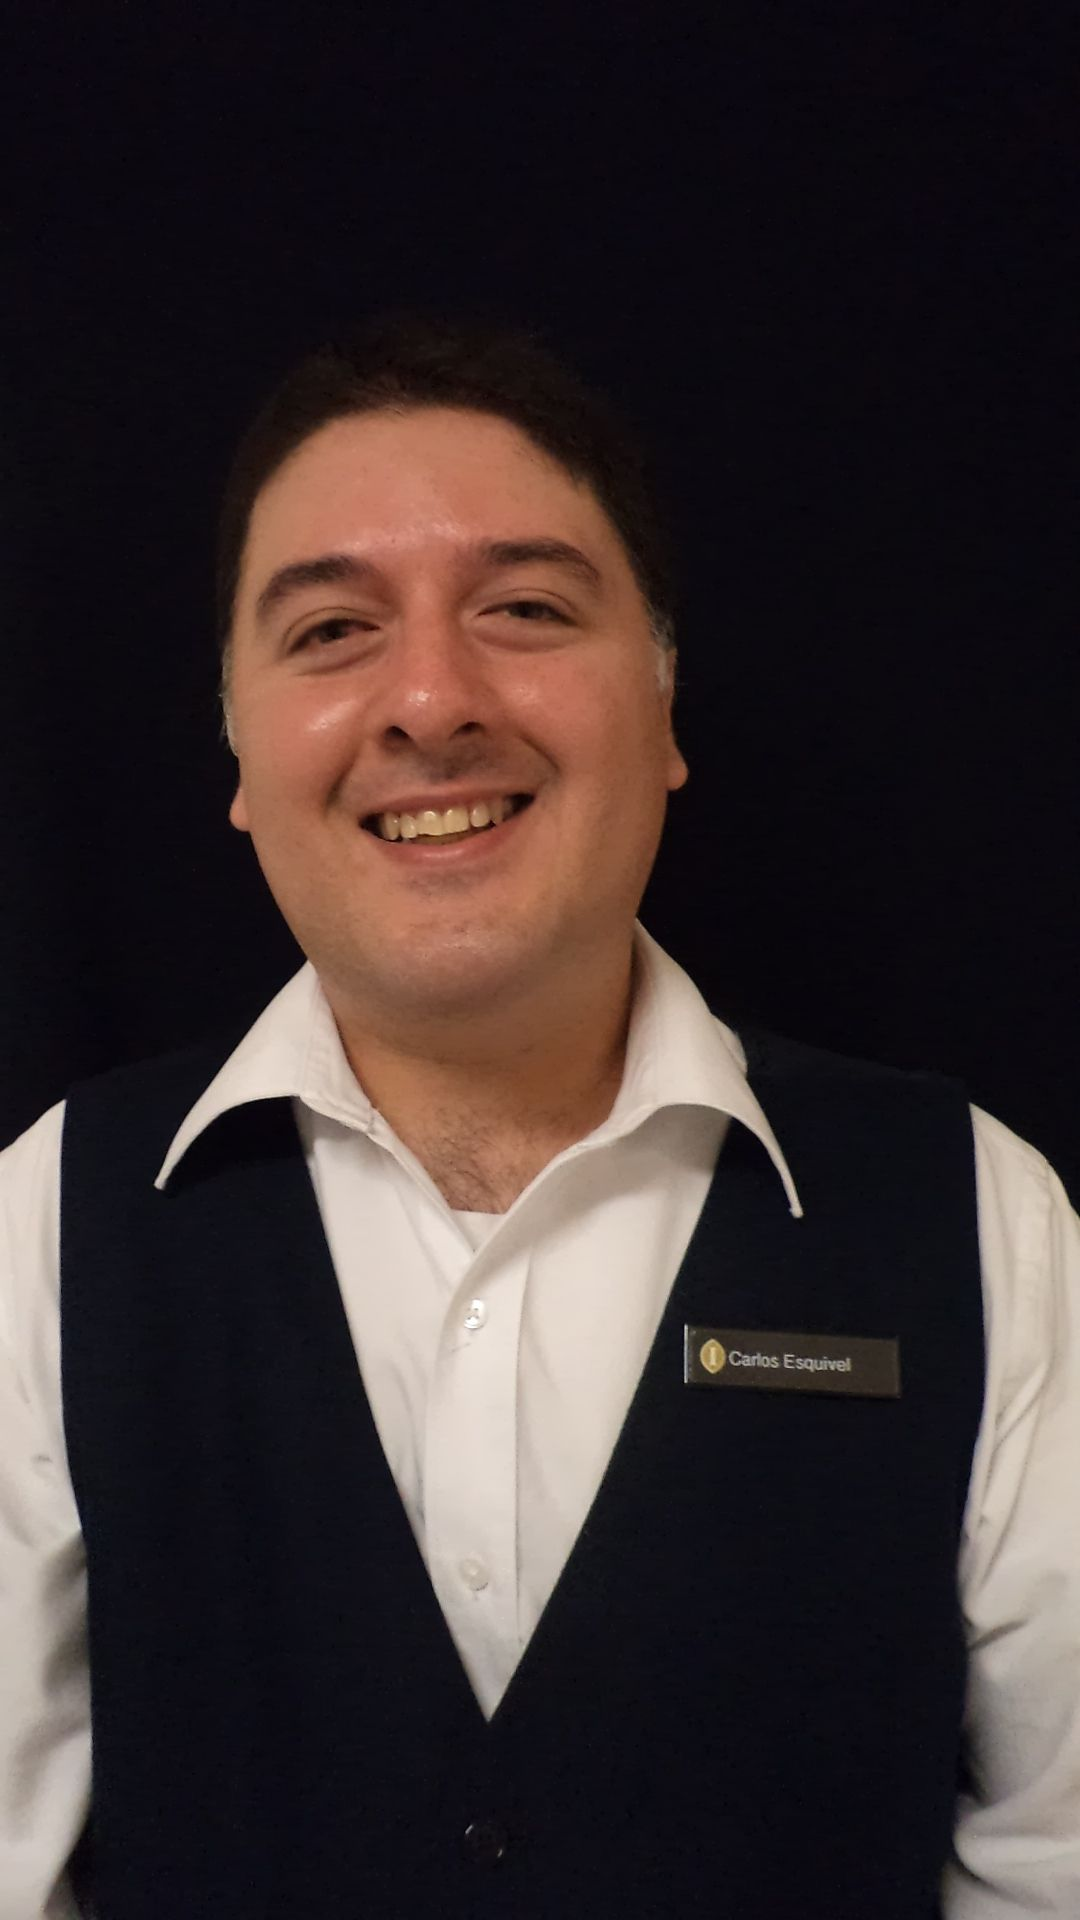 Carlos Esquivel